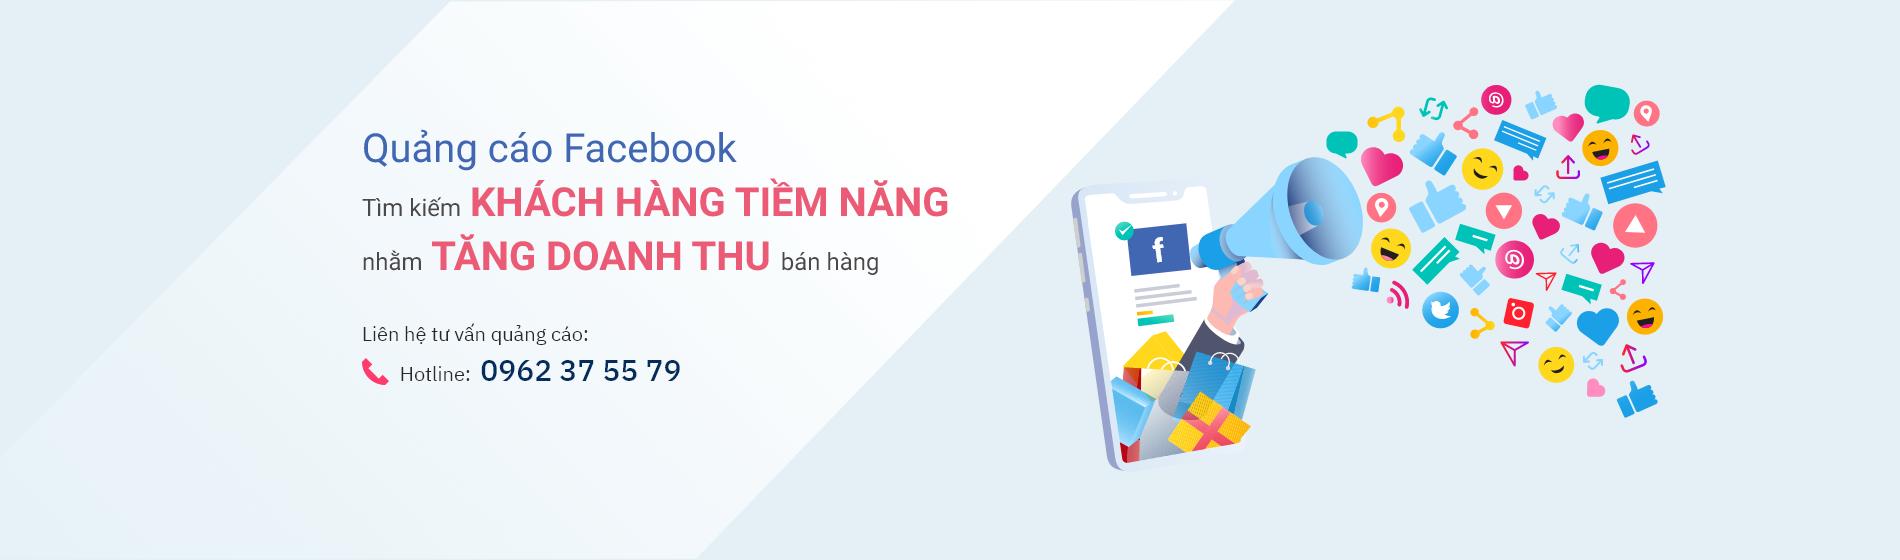 Quảng cáo Facebook Adwords